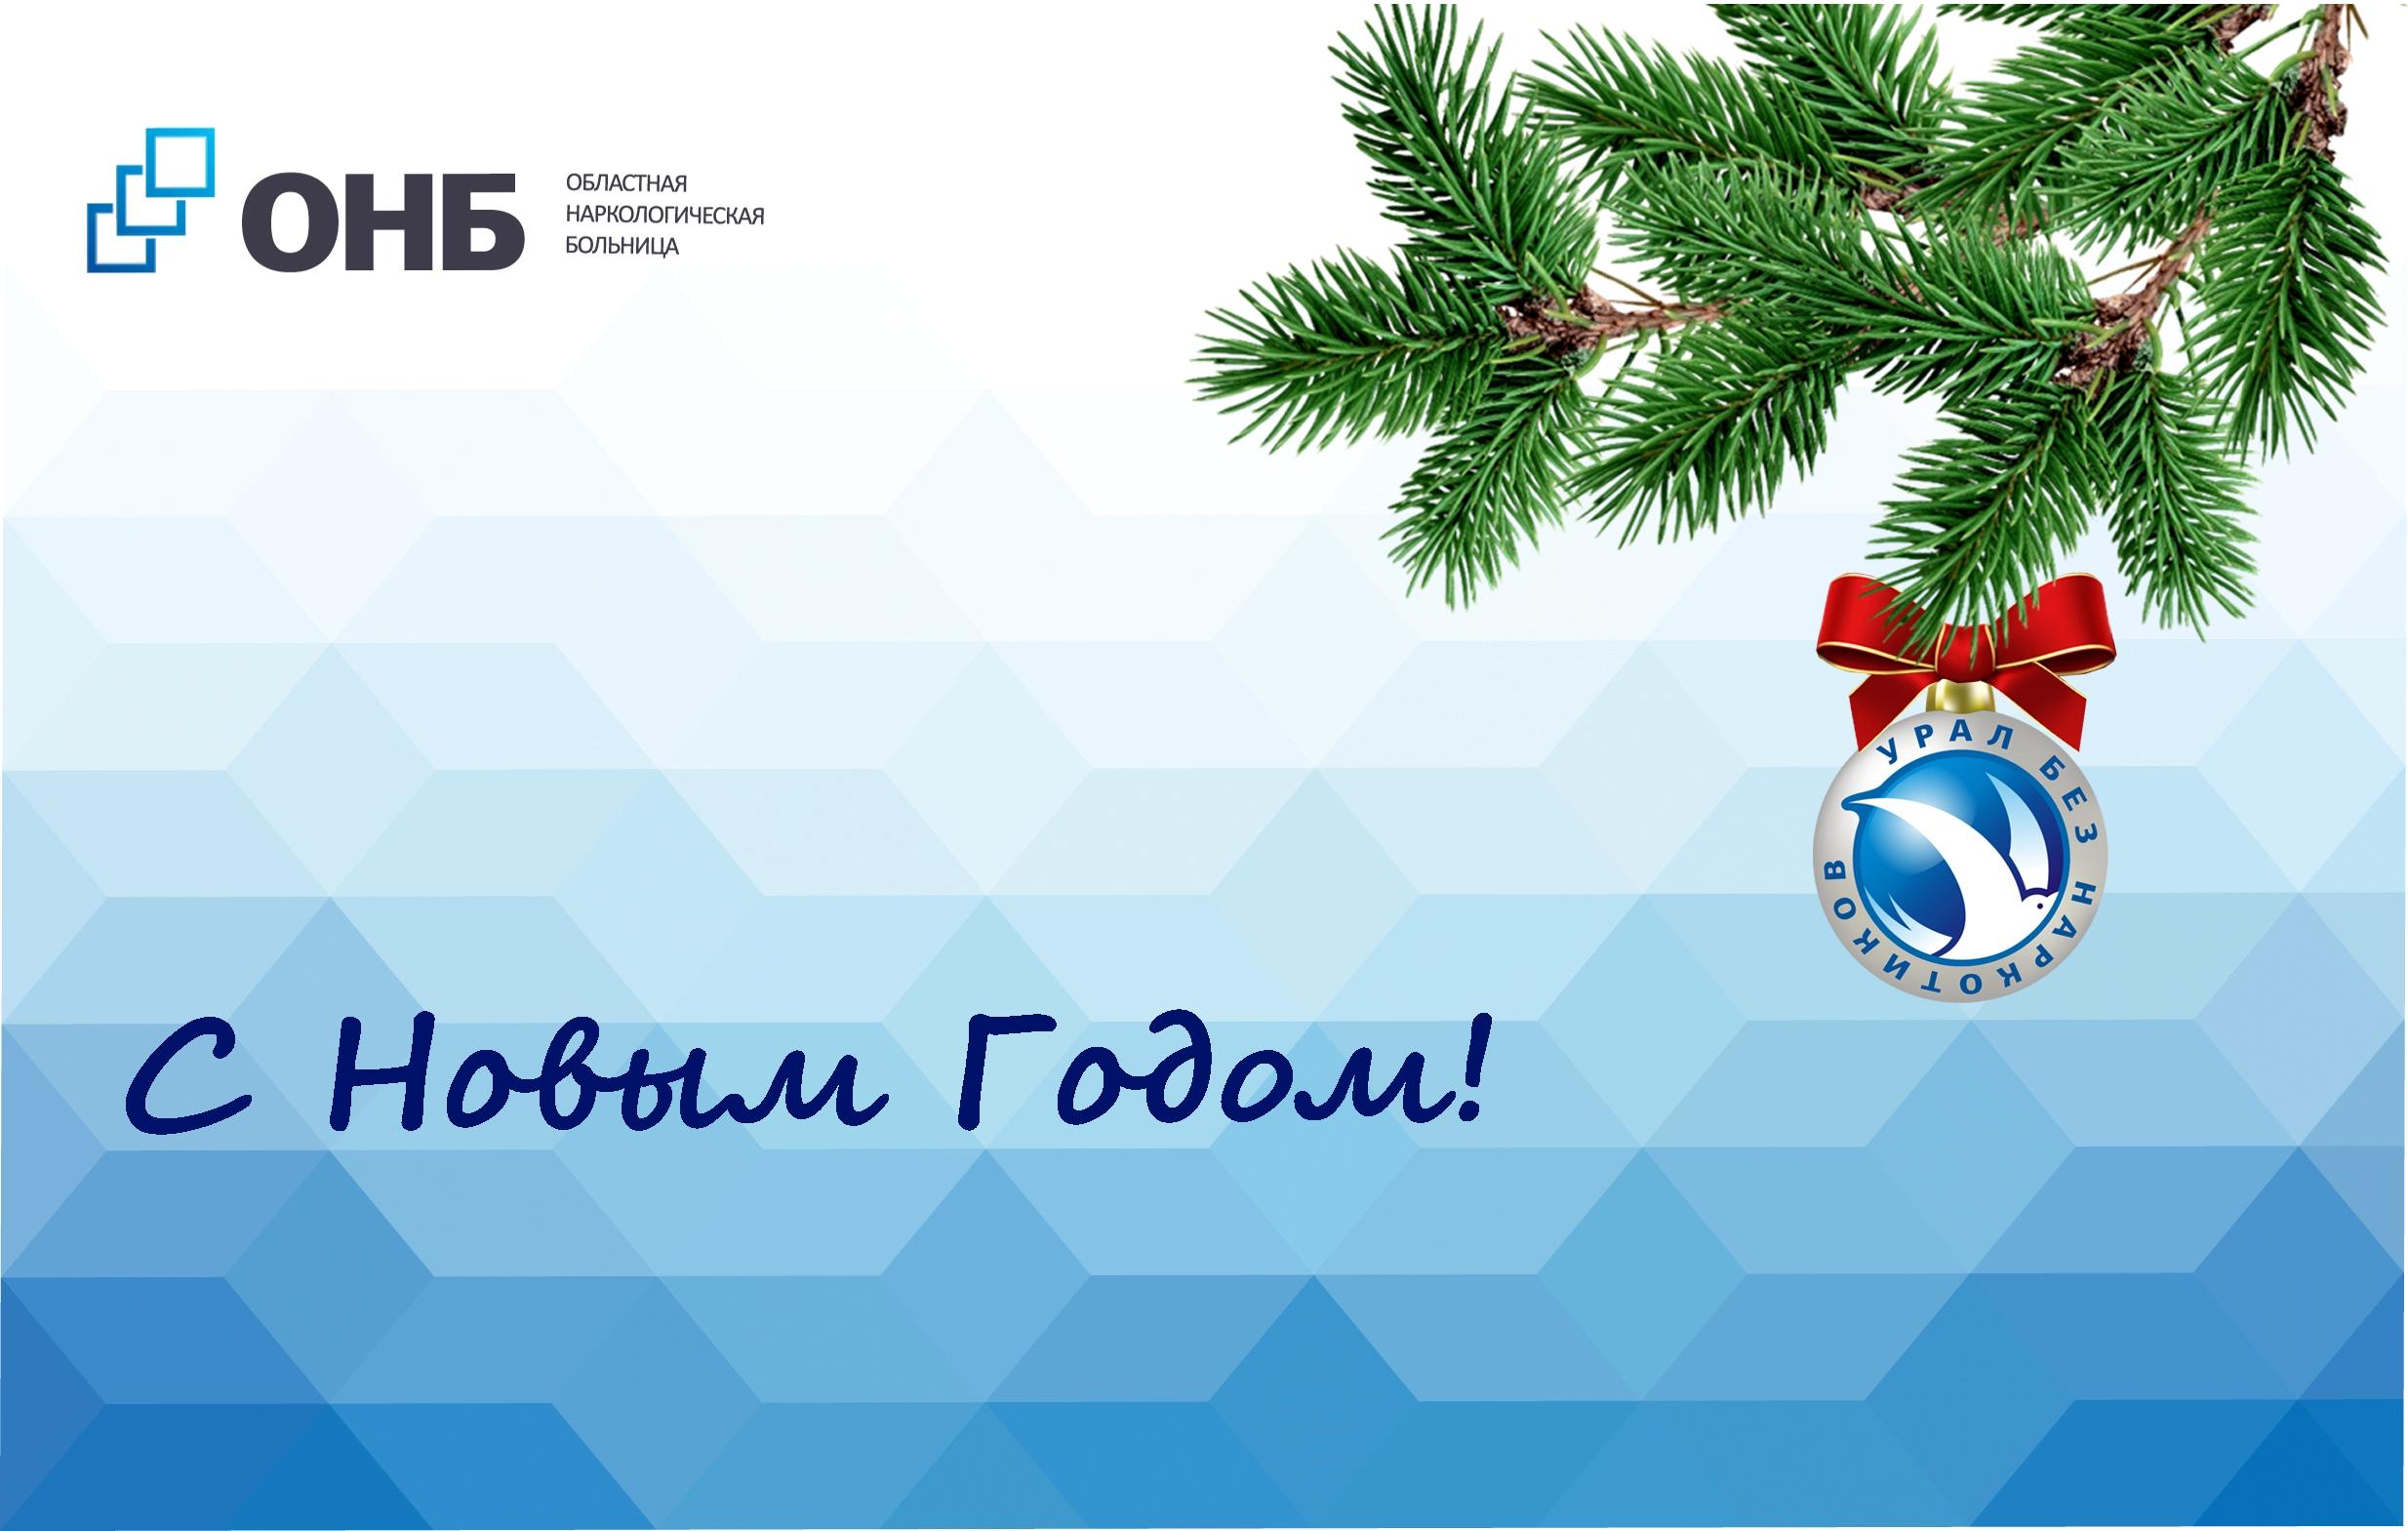 Новогоднее обращение главного врача ГАУЗ СО «Областная наркологическая больница» Антона Владимировича Поддубного